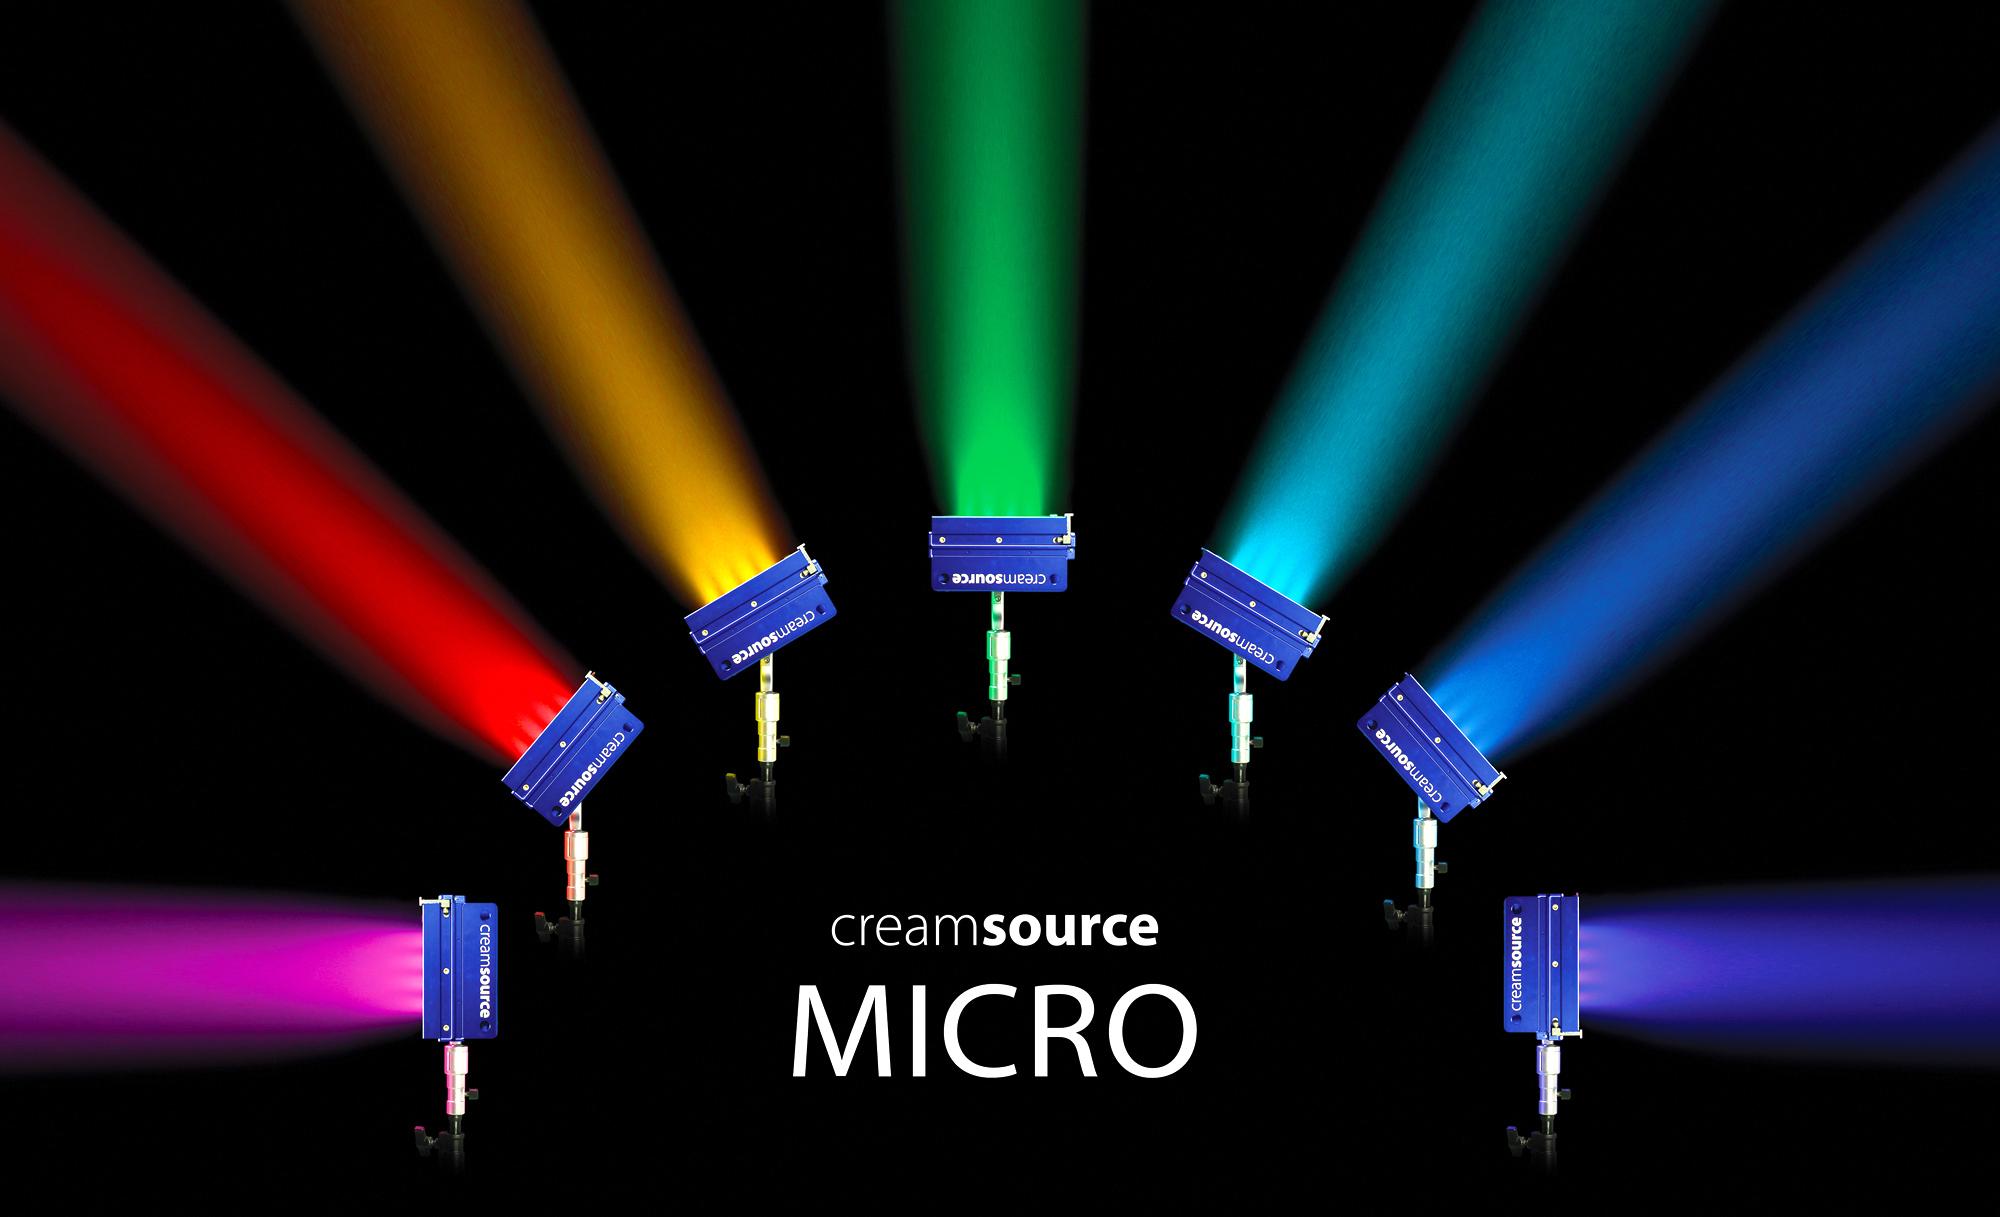 Creamsource_Micro_Colour